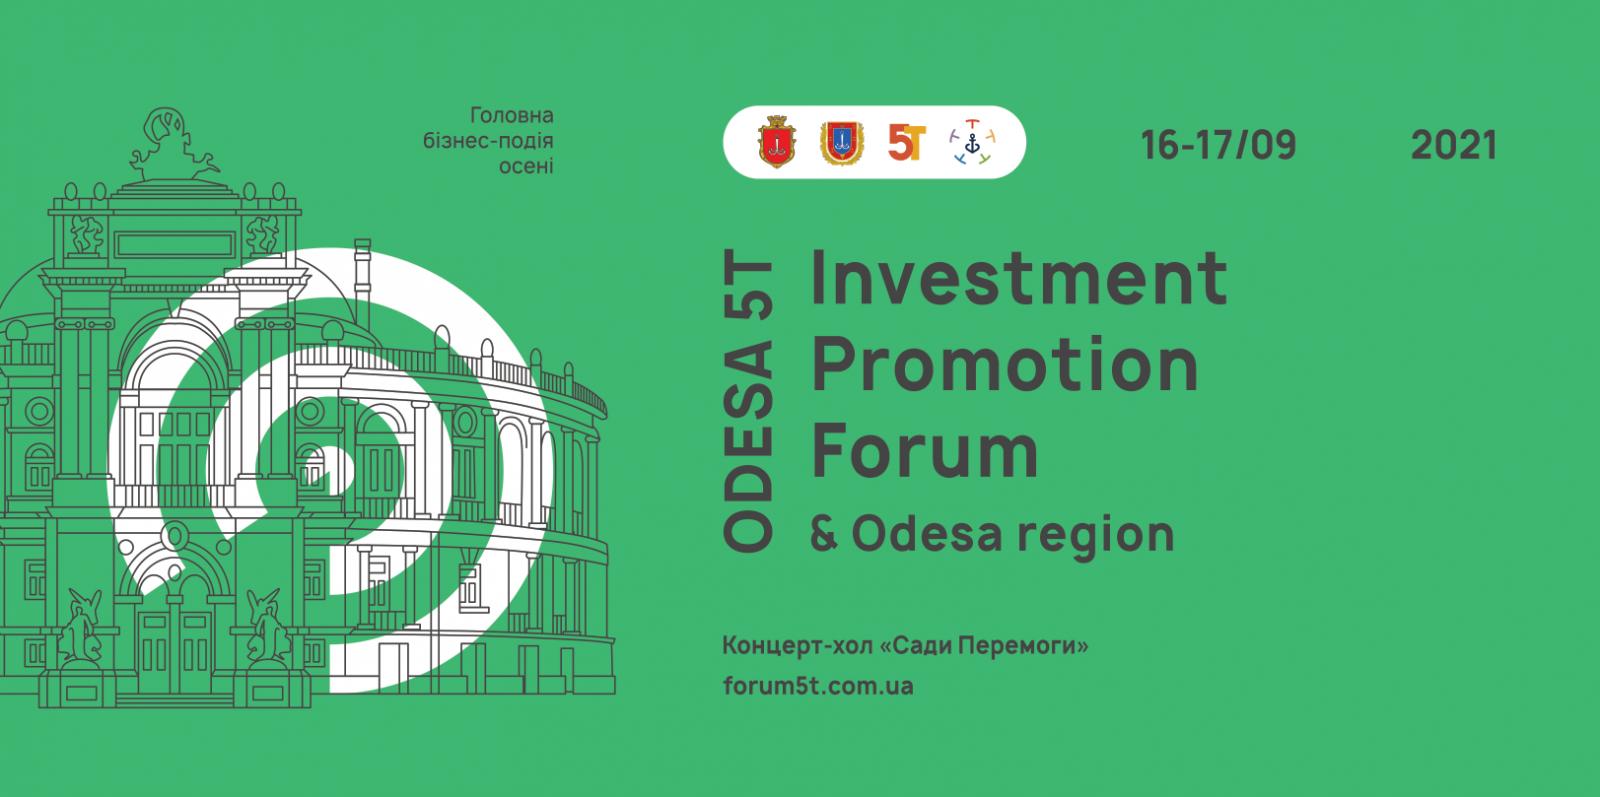 В Одесі розпочався Міжнародний інвестиційний бізнес-форум